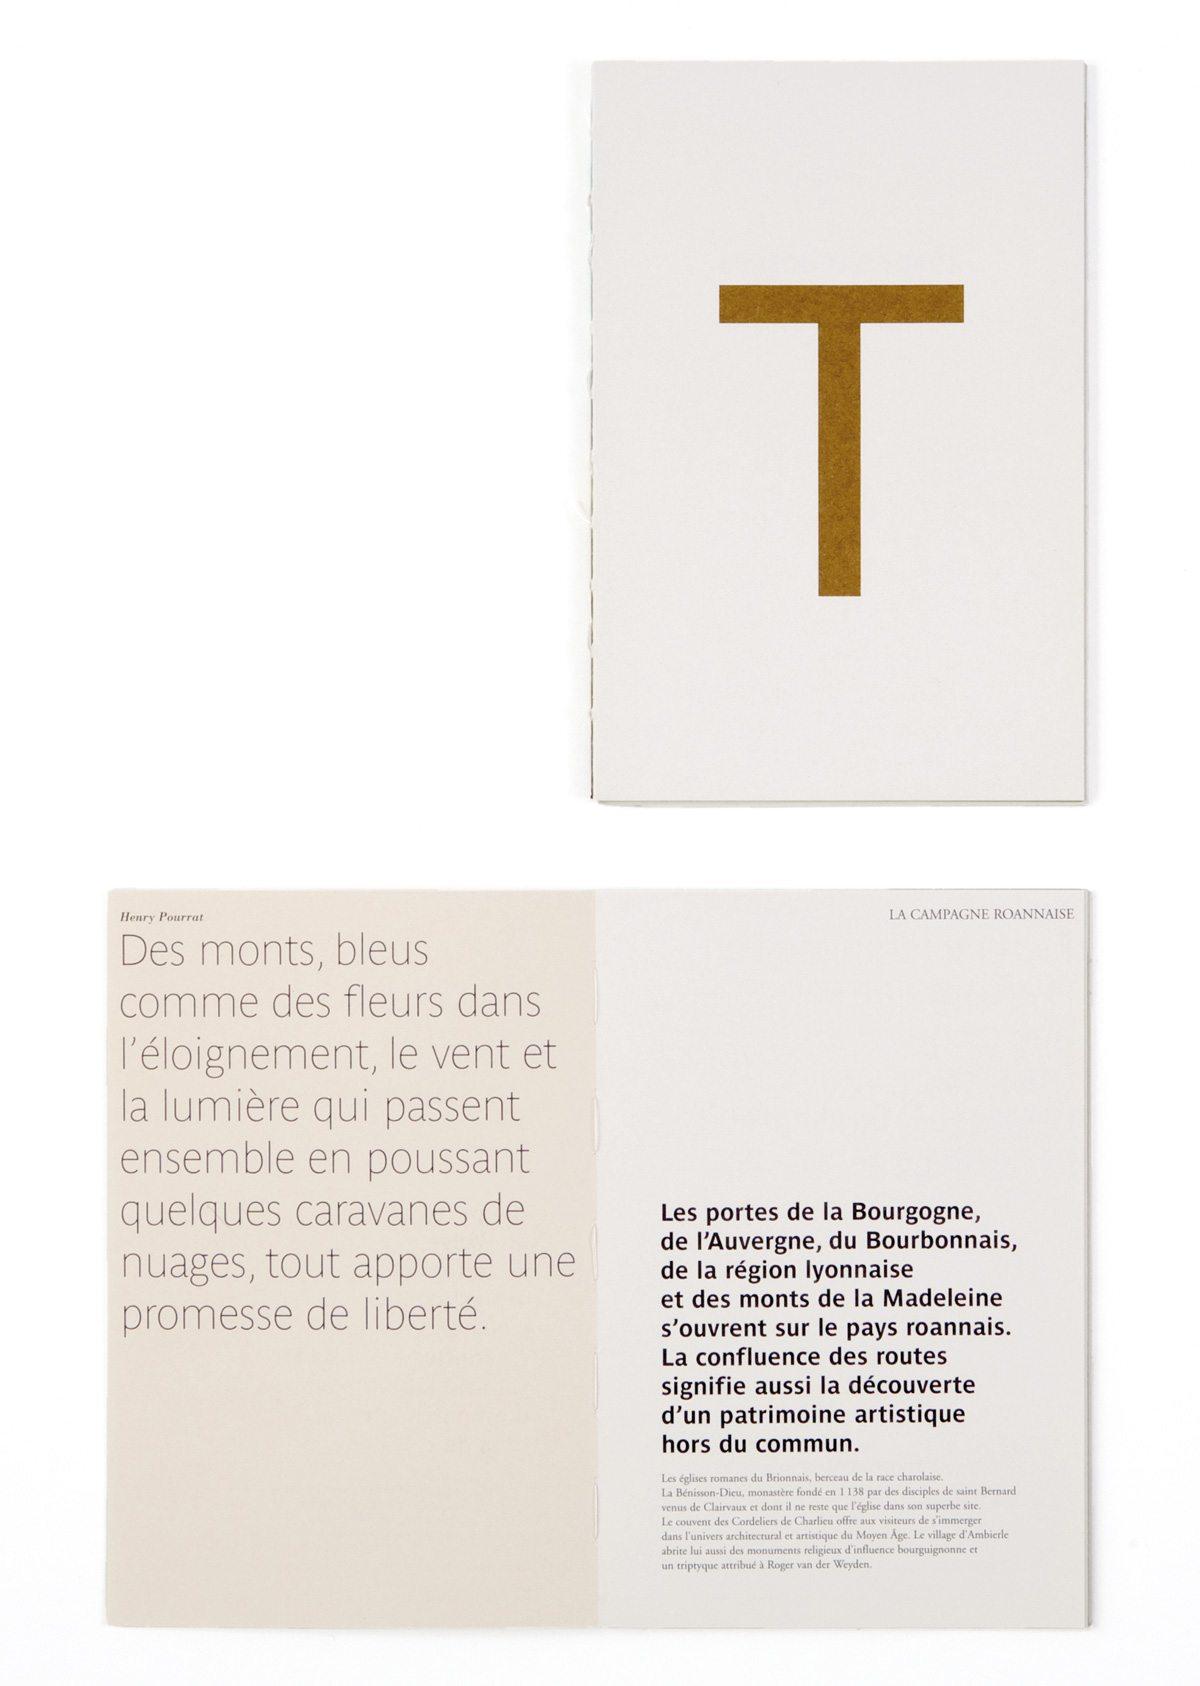 Couverture de la brochure de la Maison Troisgros, confrontation poétique d'images et de textes extraits de la littérature classique, design Ich&Kar